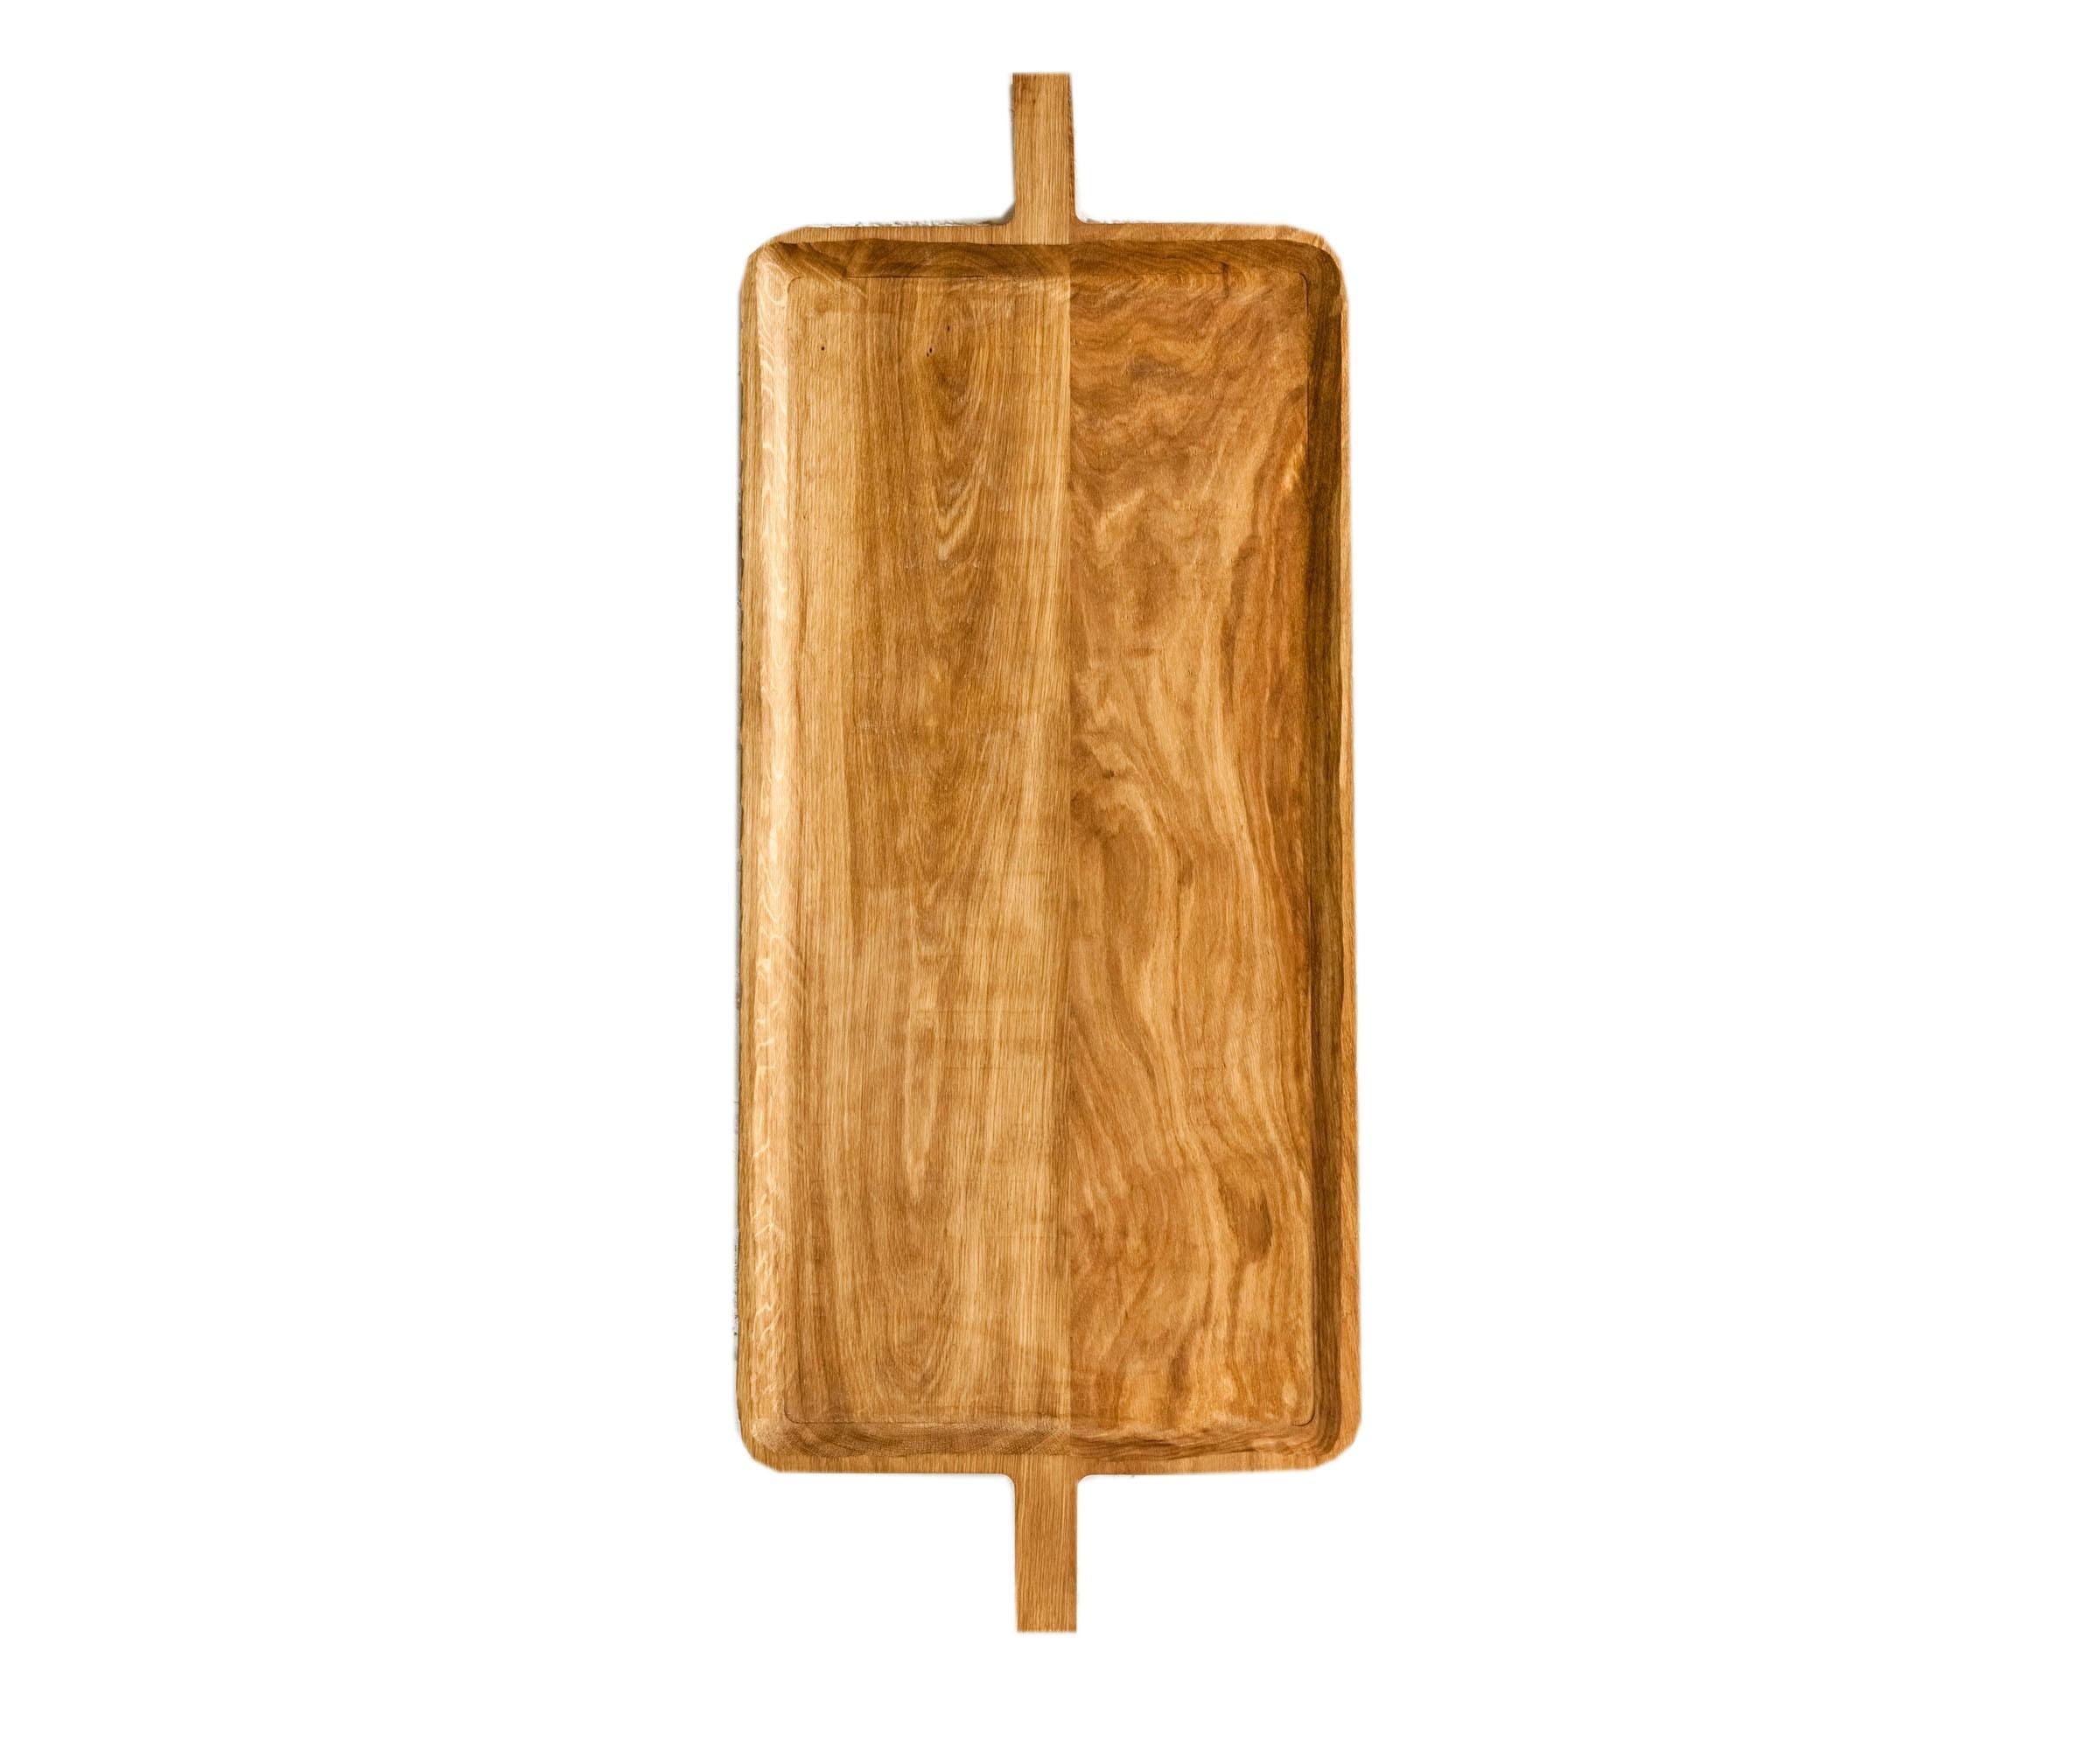 ПодносДекоративные подносы<br>Поднос служит большим сервировочным блюдом или крупным предметом-акцентом в декоре стола. Его можно использовать как полку или столешницу, а несколько подносов, поставленных друг на друга, составляют журнальный столик или тумбу. Сделан вручную. Покрытие: льняное масло. При необходимости можно обновлять покрытие, протерев поверхность тряпочкой, смоченной льняным маслом. После влажной обработки его нужно протирать полотенцем. Из-за специфики ручного труда все предметы отличаются друг от друга.<br><br>Material: Дуб<br>Ширина см: 70.0<br>Высота см: 1.0<br>Глубина см: 30.0